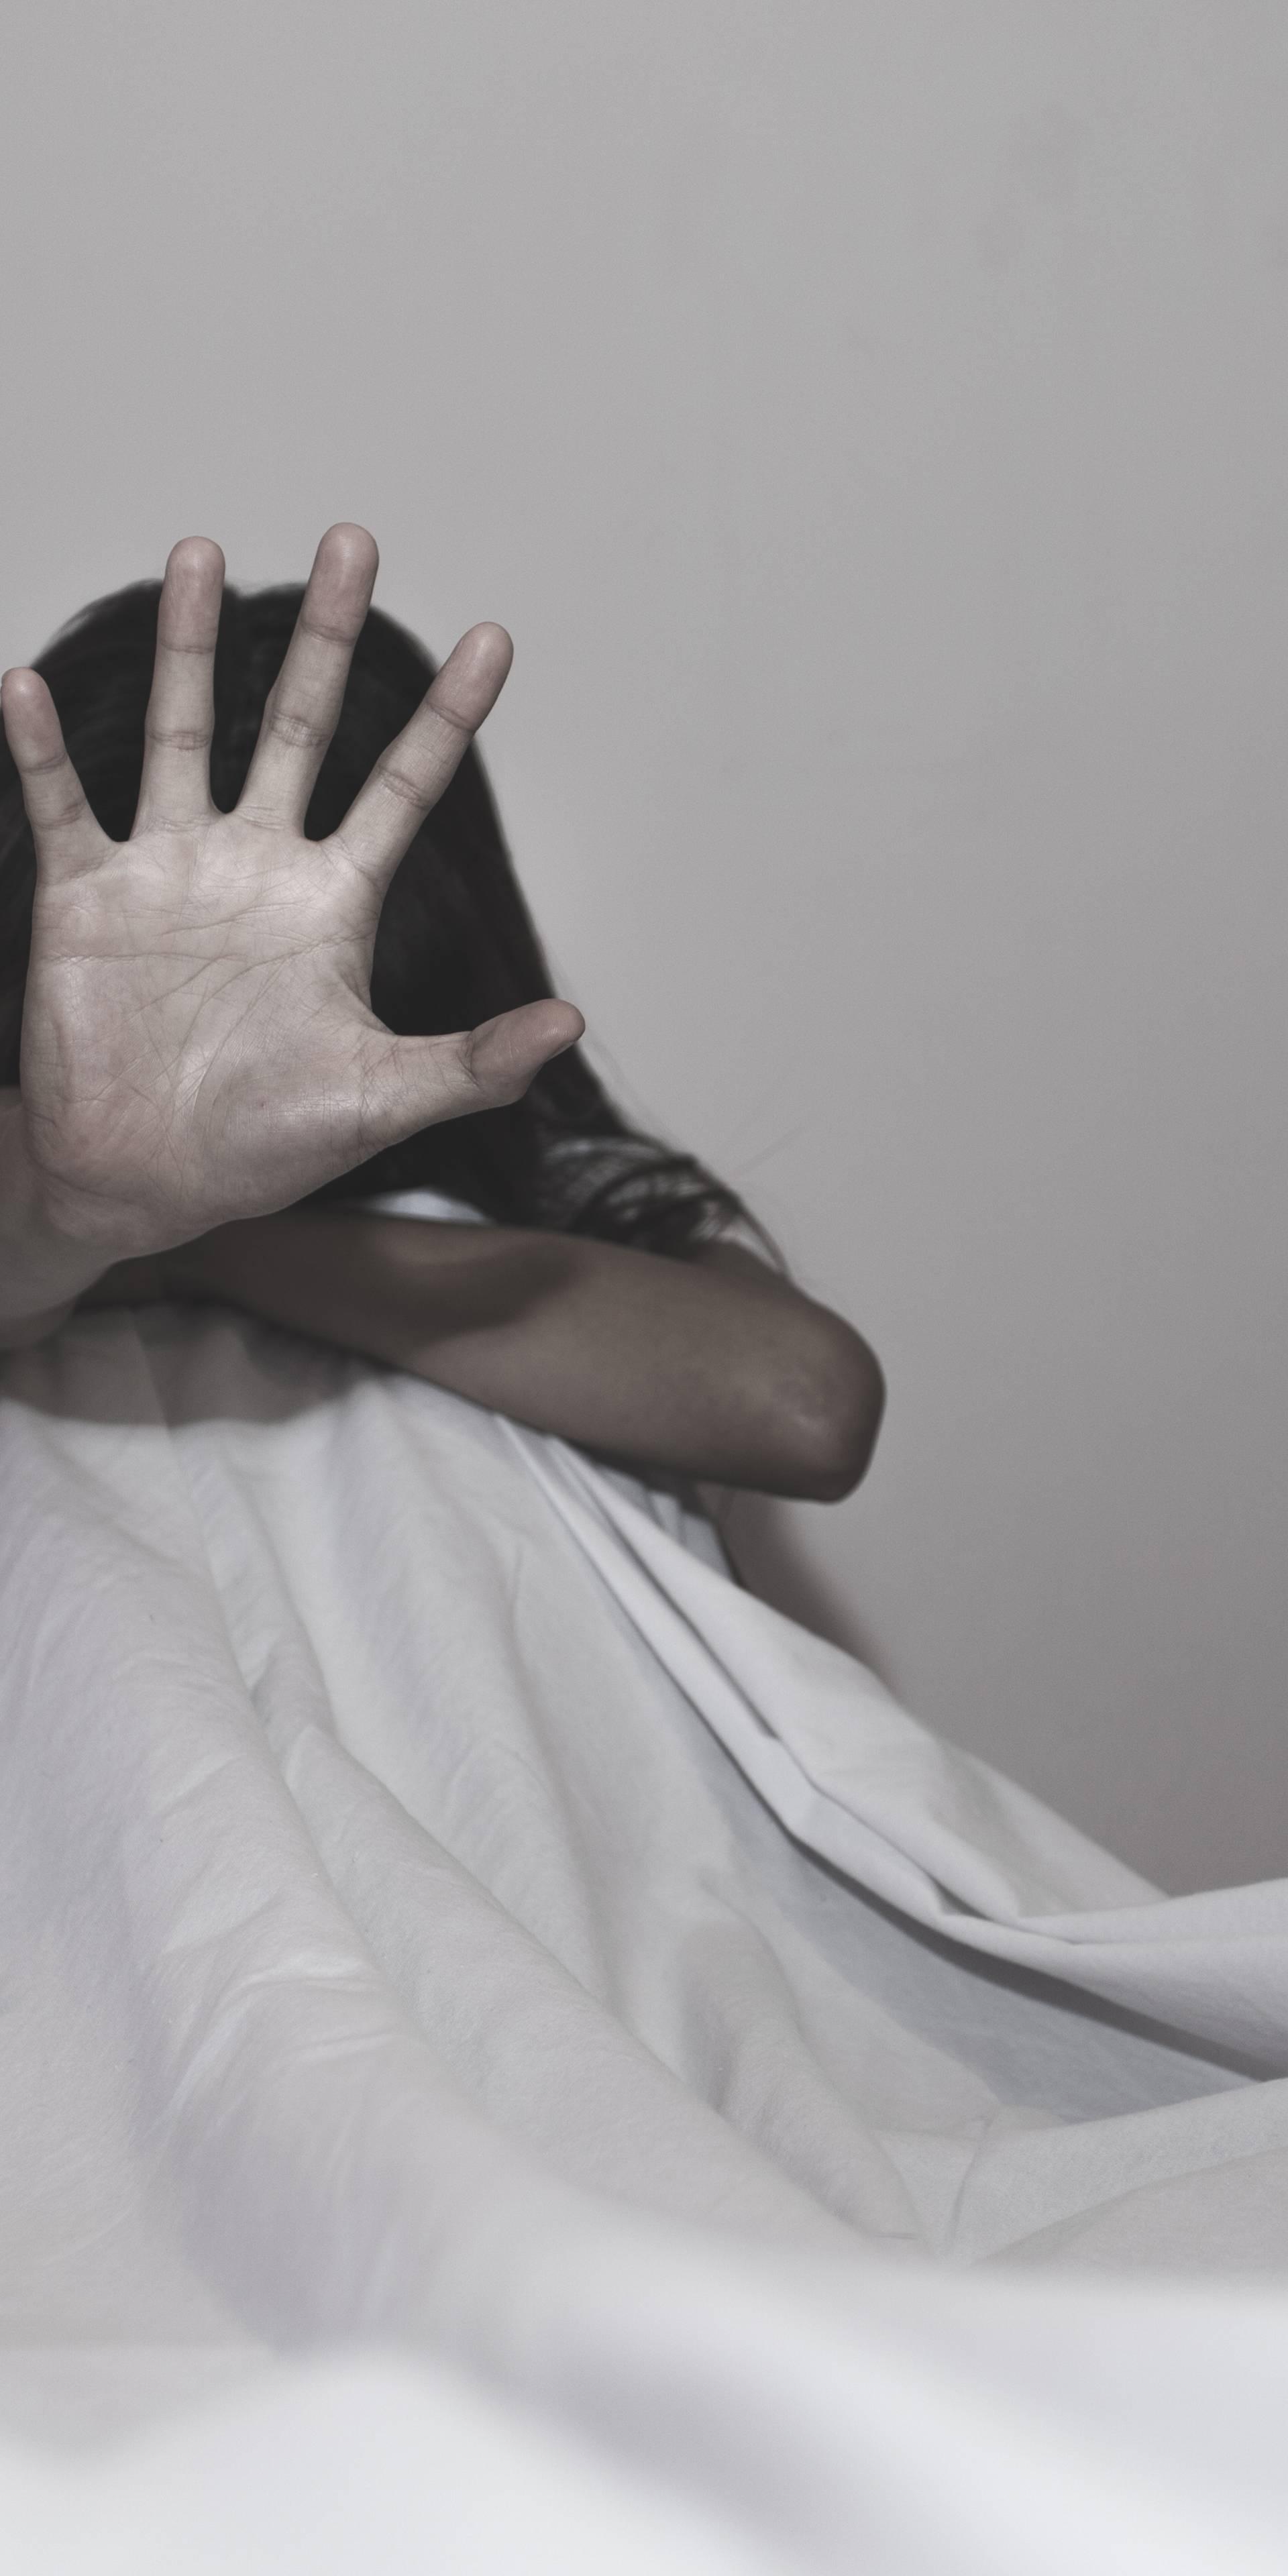 Indijac htio doznati spol djeteta pa razrezao ženi trbuh srpom...